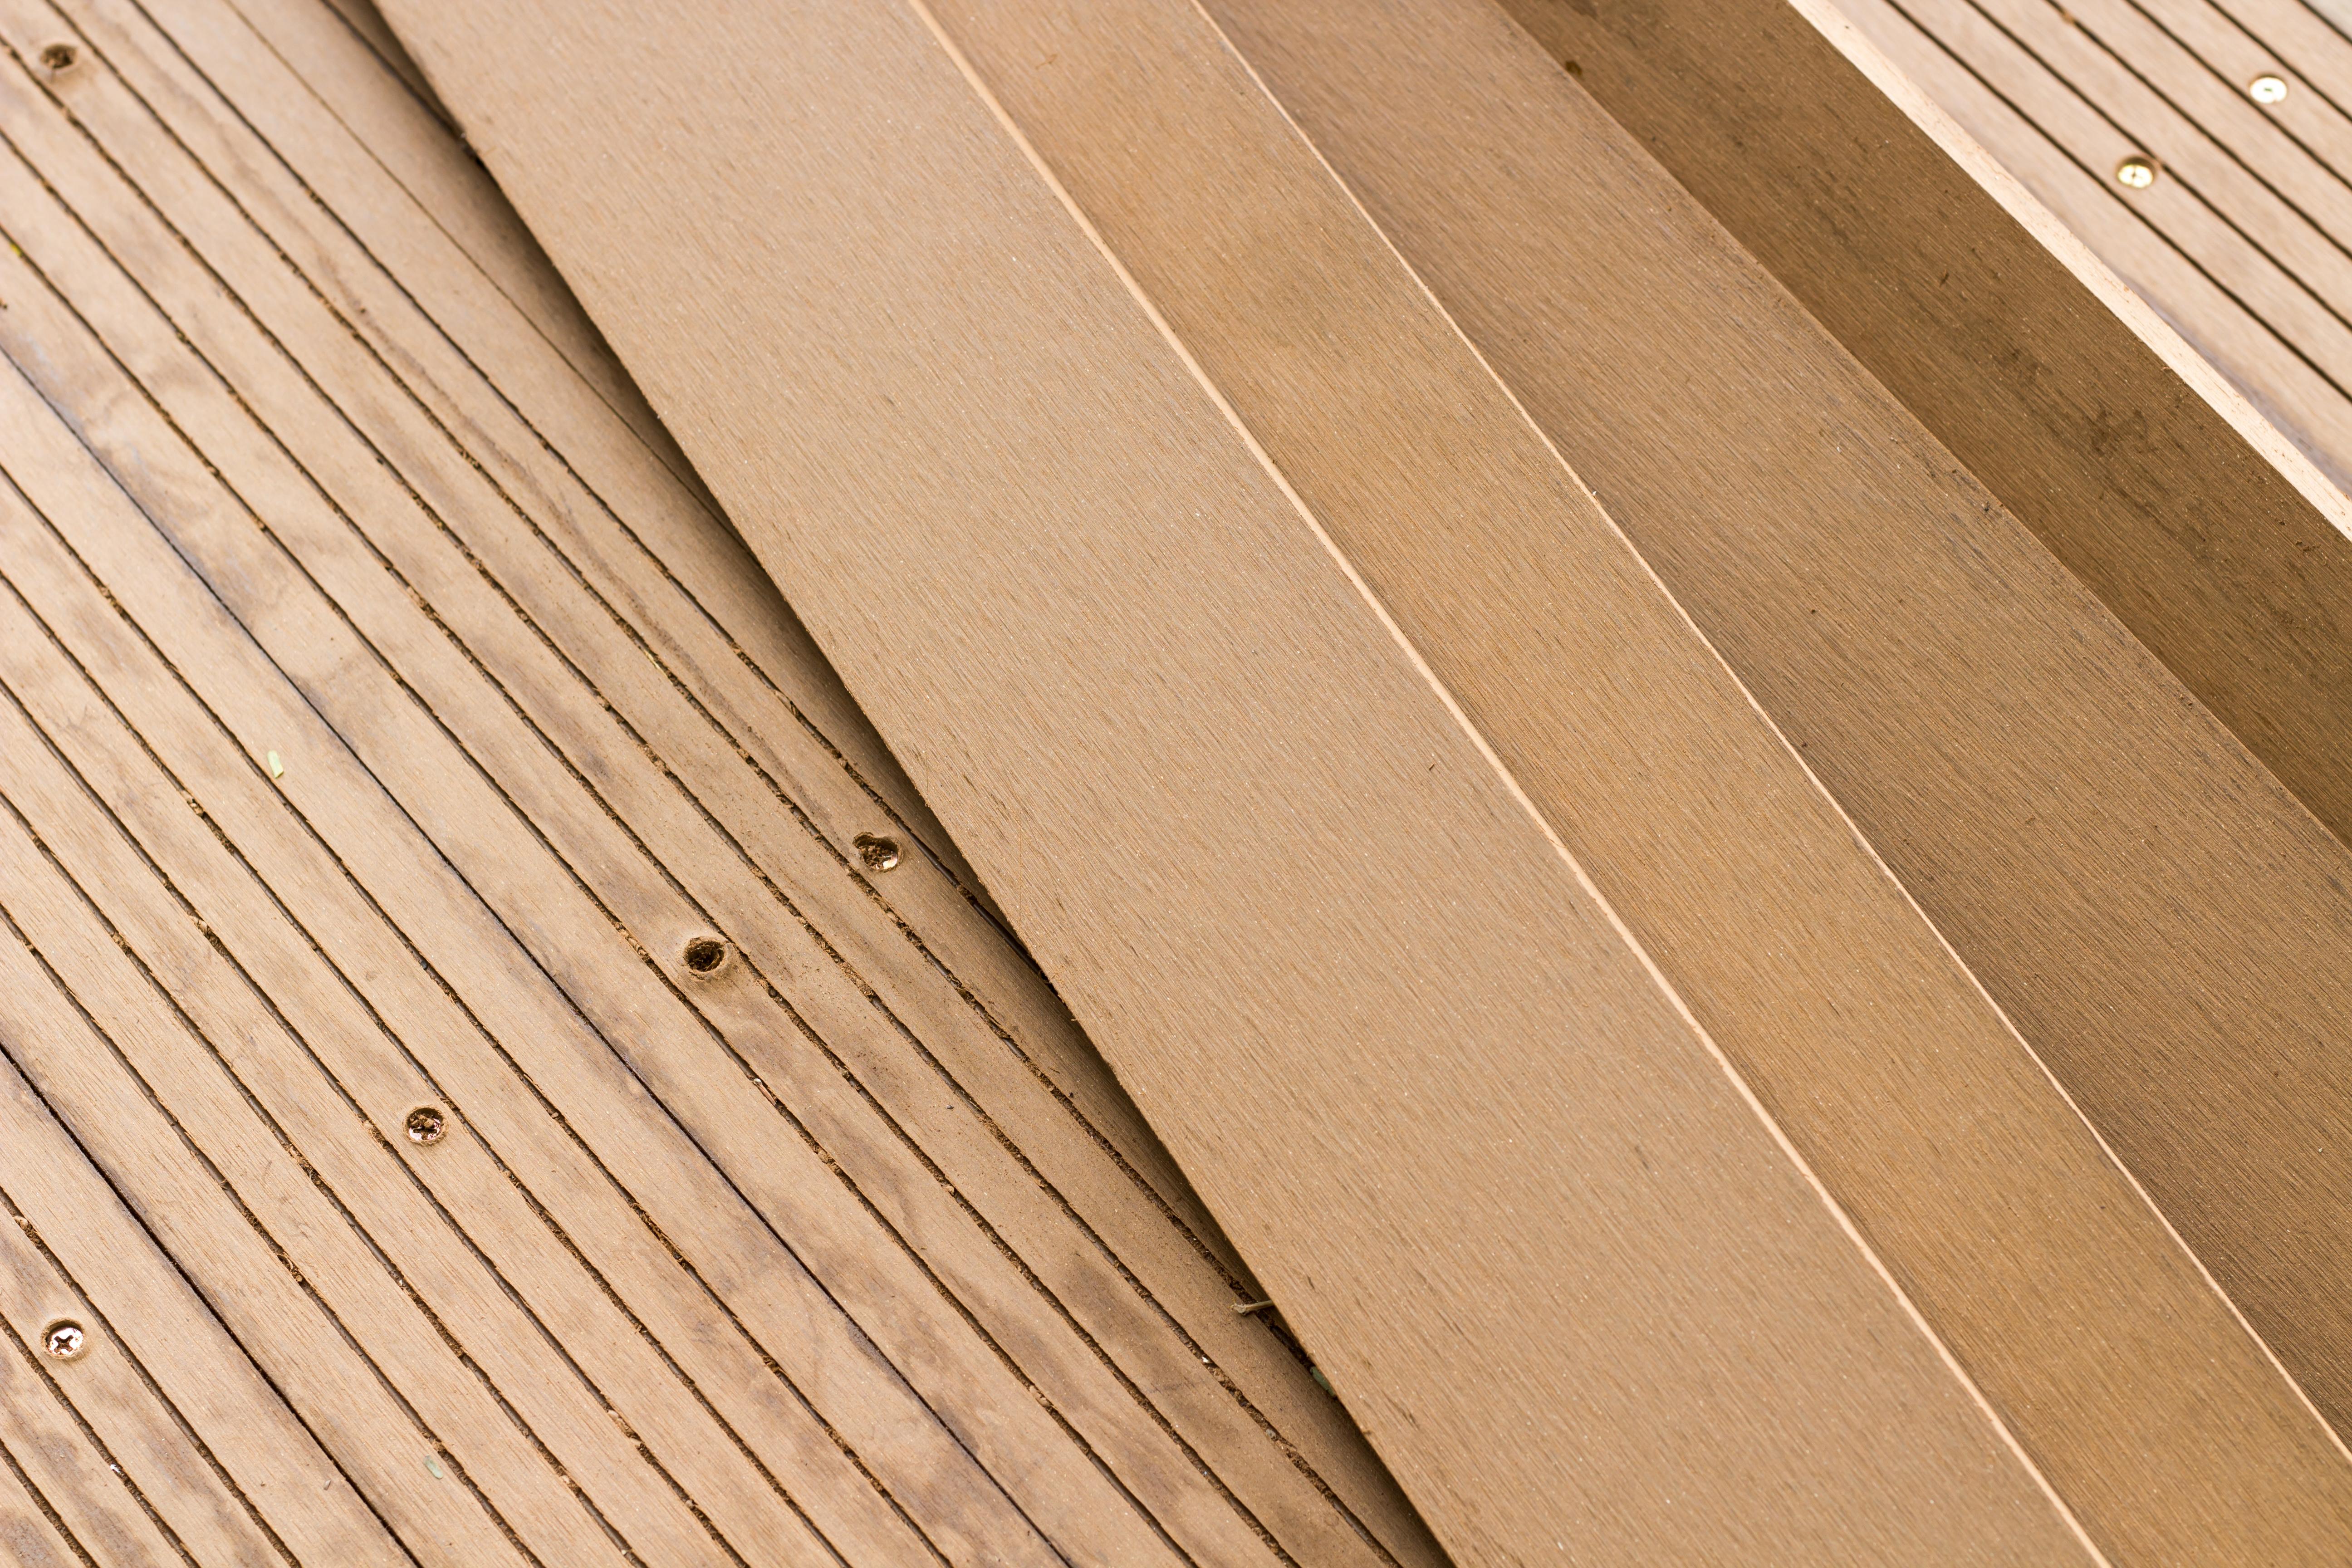 Holz als Bodenbelag für den Balkon